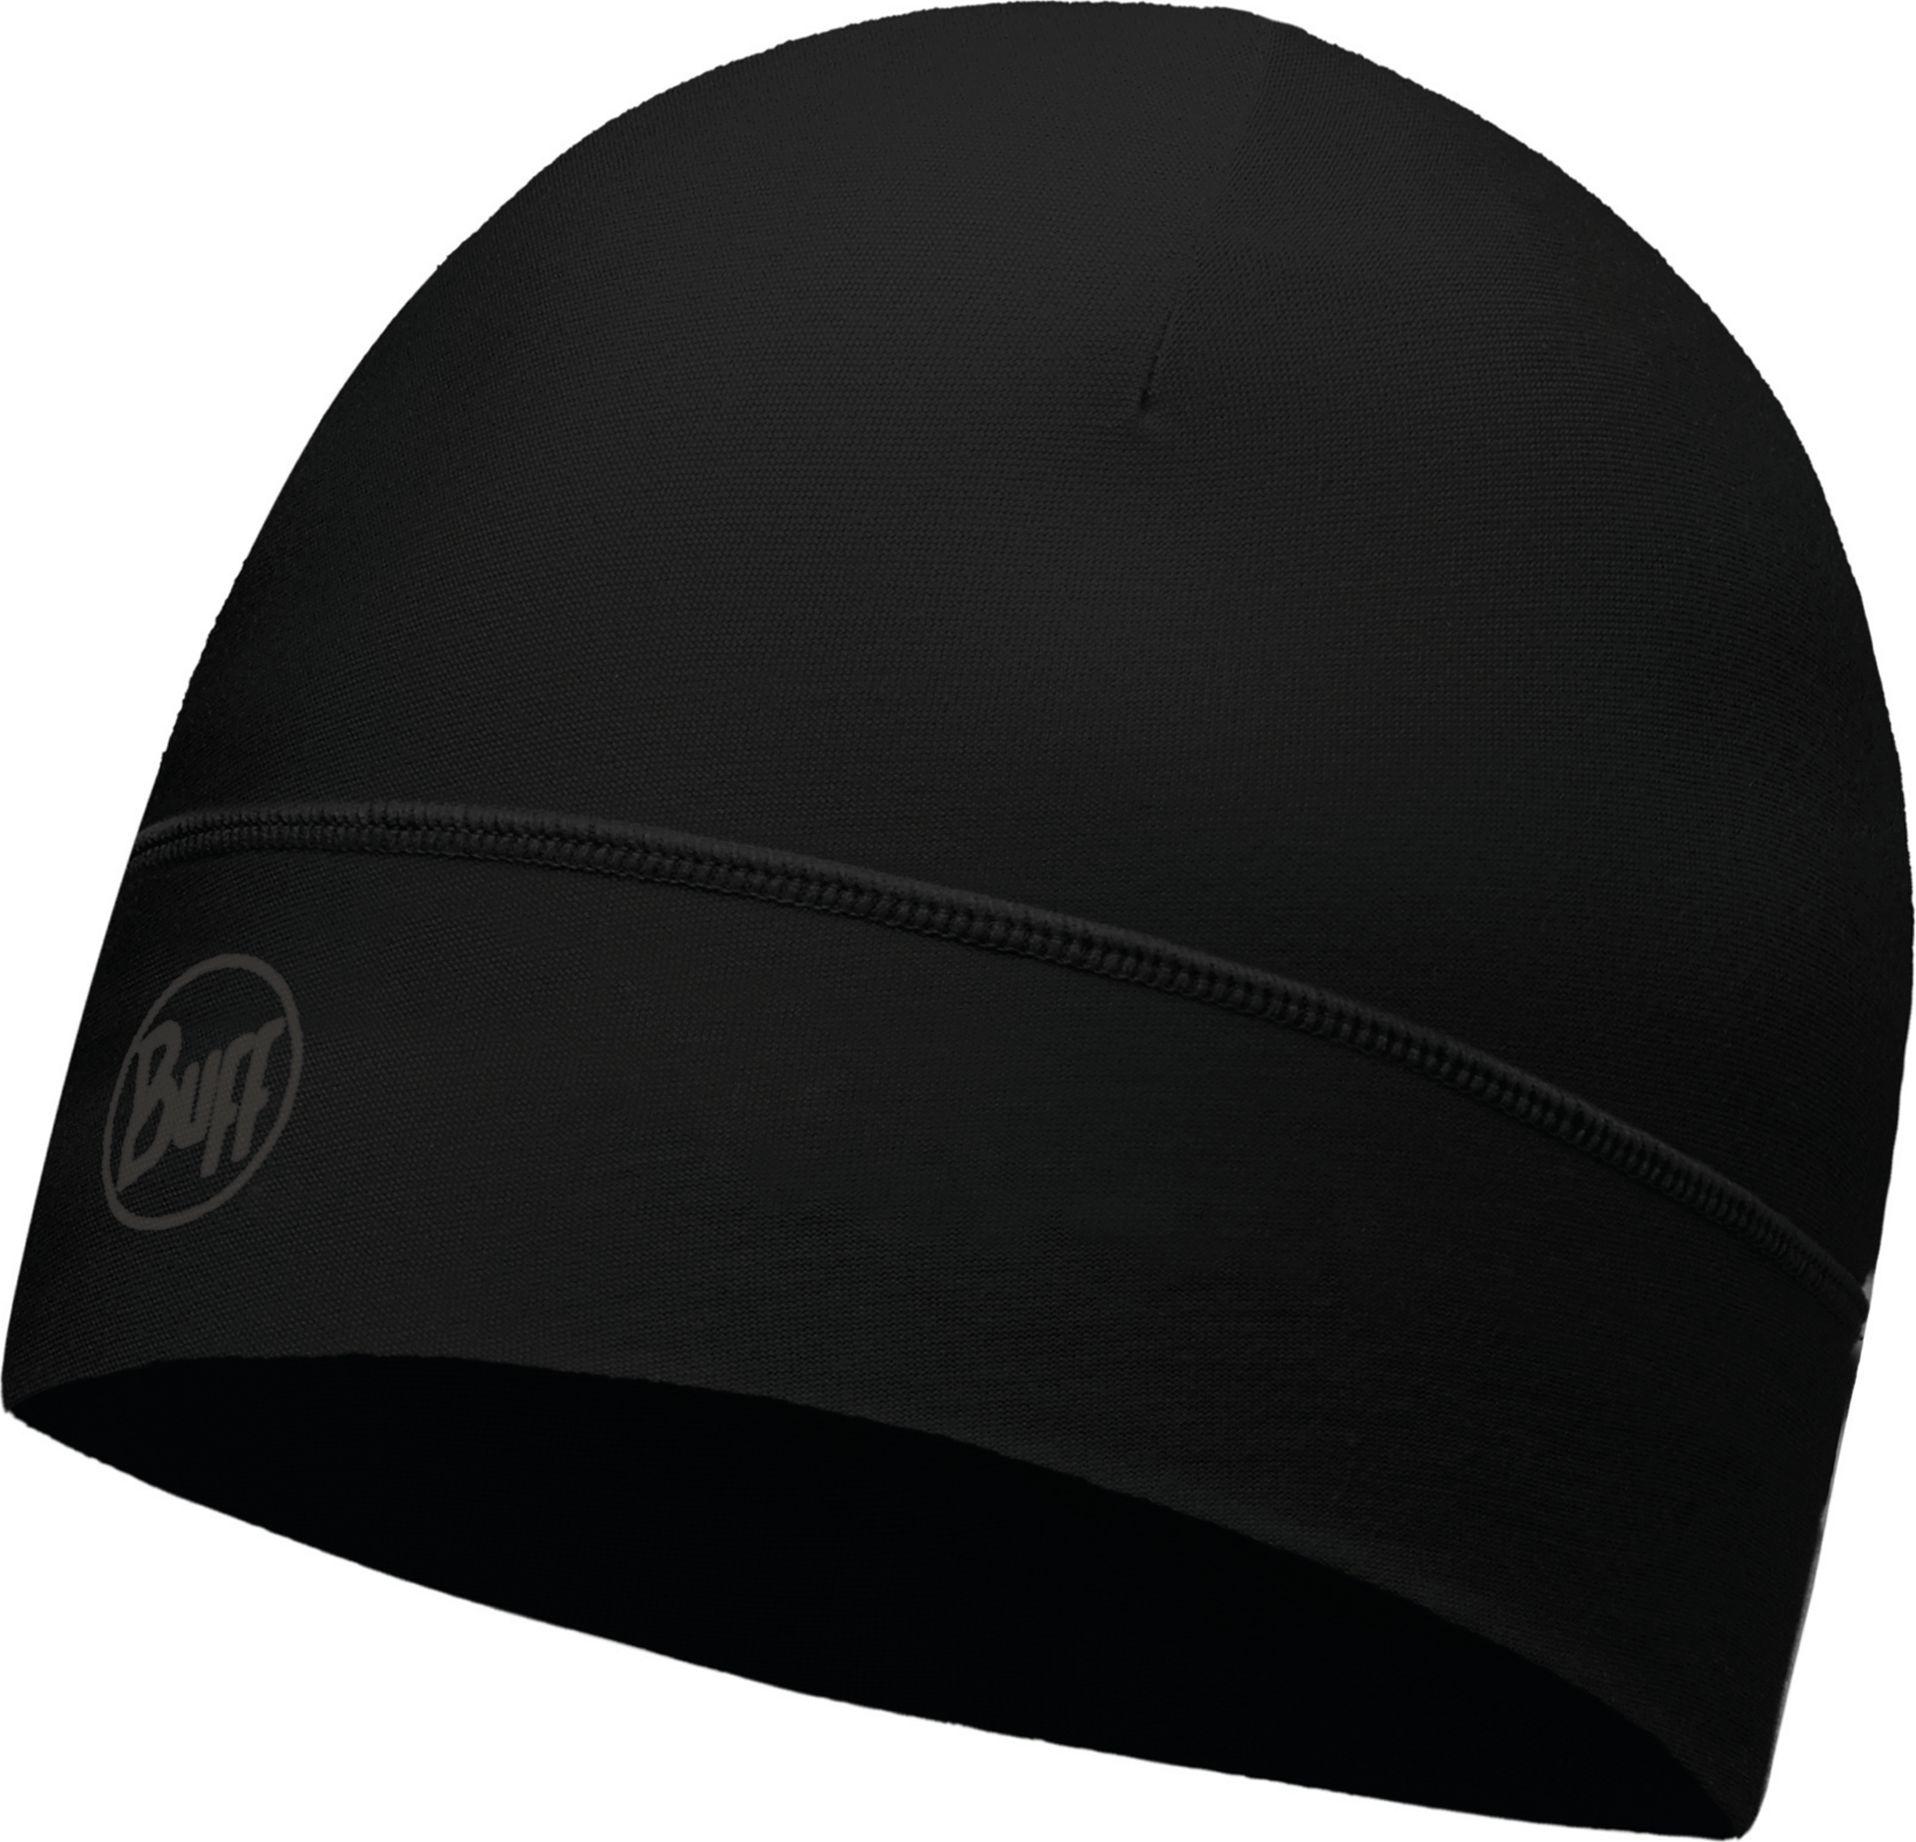 Шапка Buff Microfiber 1 Layer Hat Solid Black, цвет: черный. 113246.999.10.00. Размер универсальный113246.999.10.00Шапка от Buff подходит для прогулок и занятий спортом Материал микрофибра в один слой - обеспечивает хорошую воздухопроницаемость и контроль влаги. Polygiene препятствует размножению бактерий и появлению запахов.